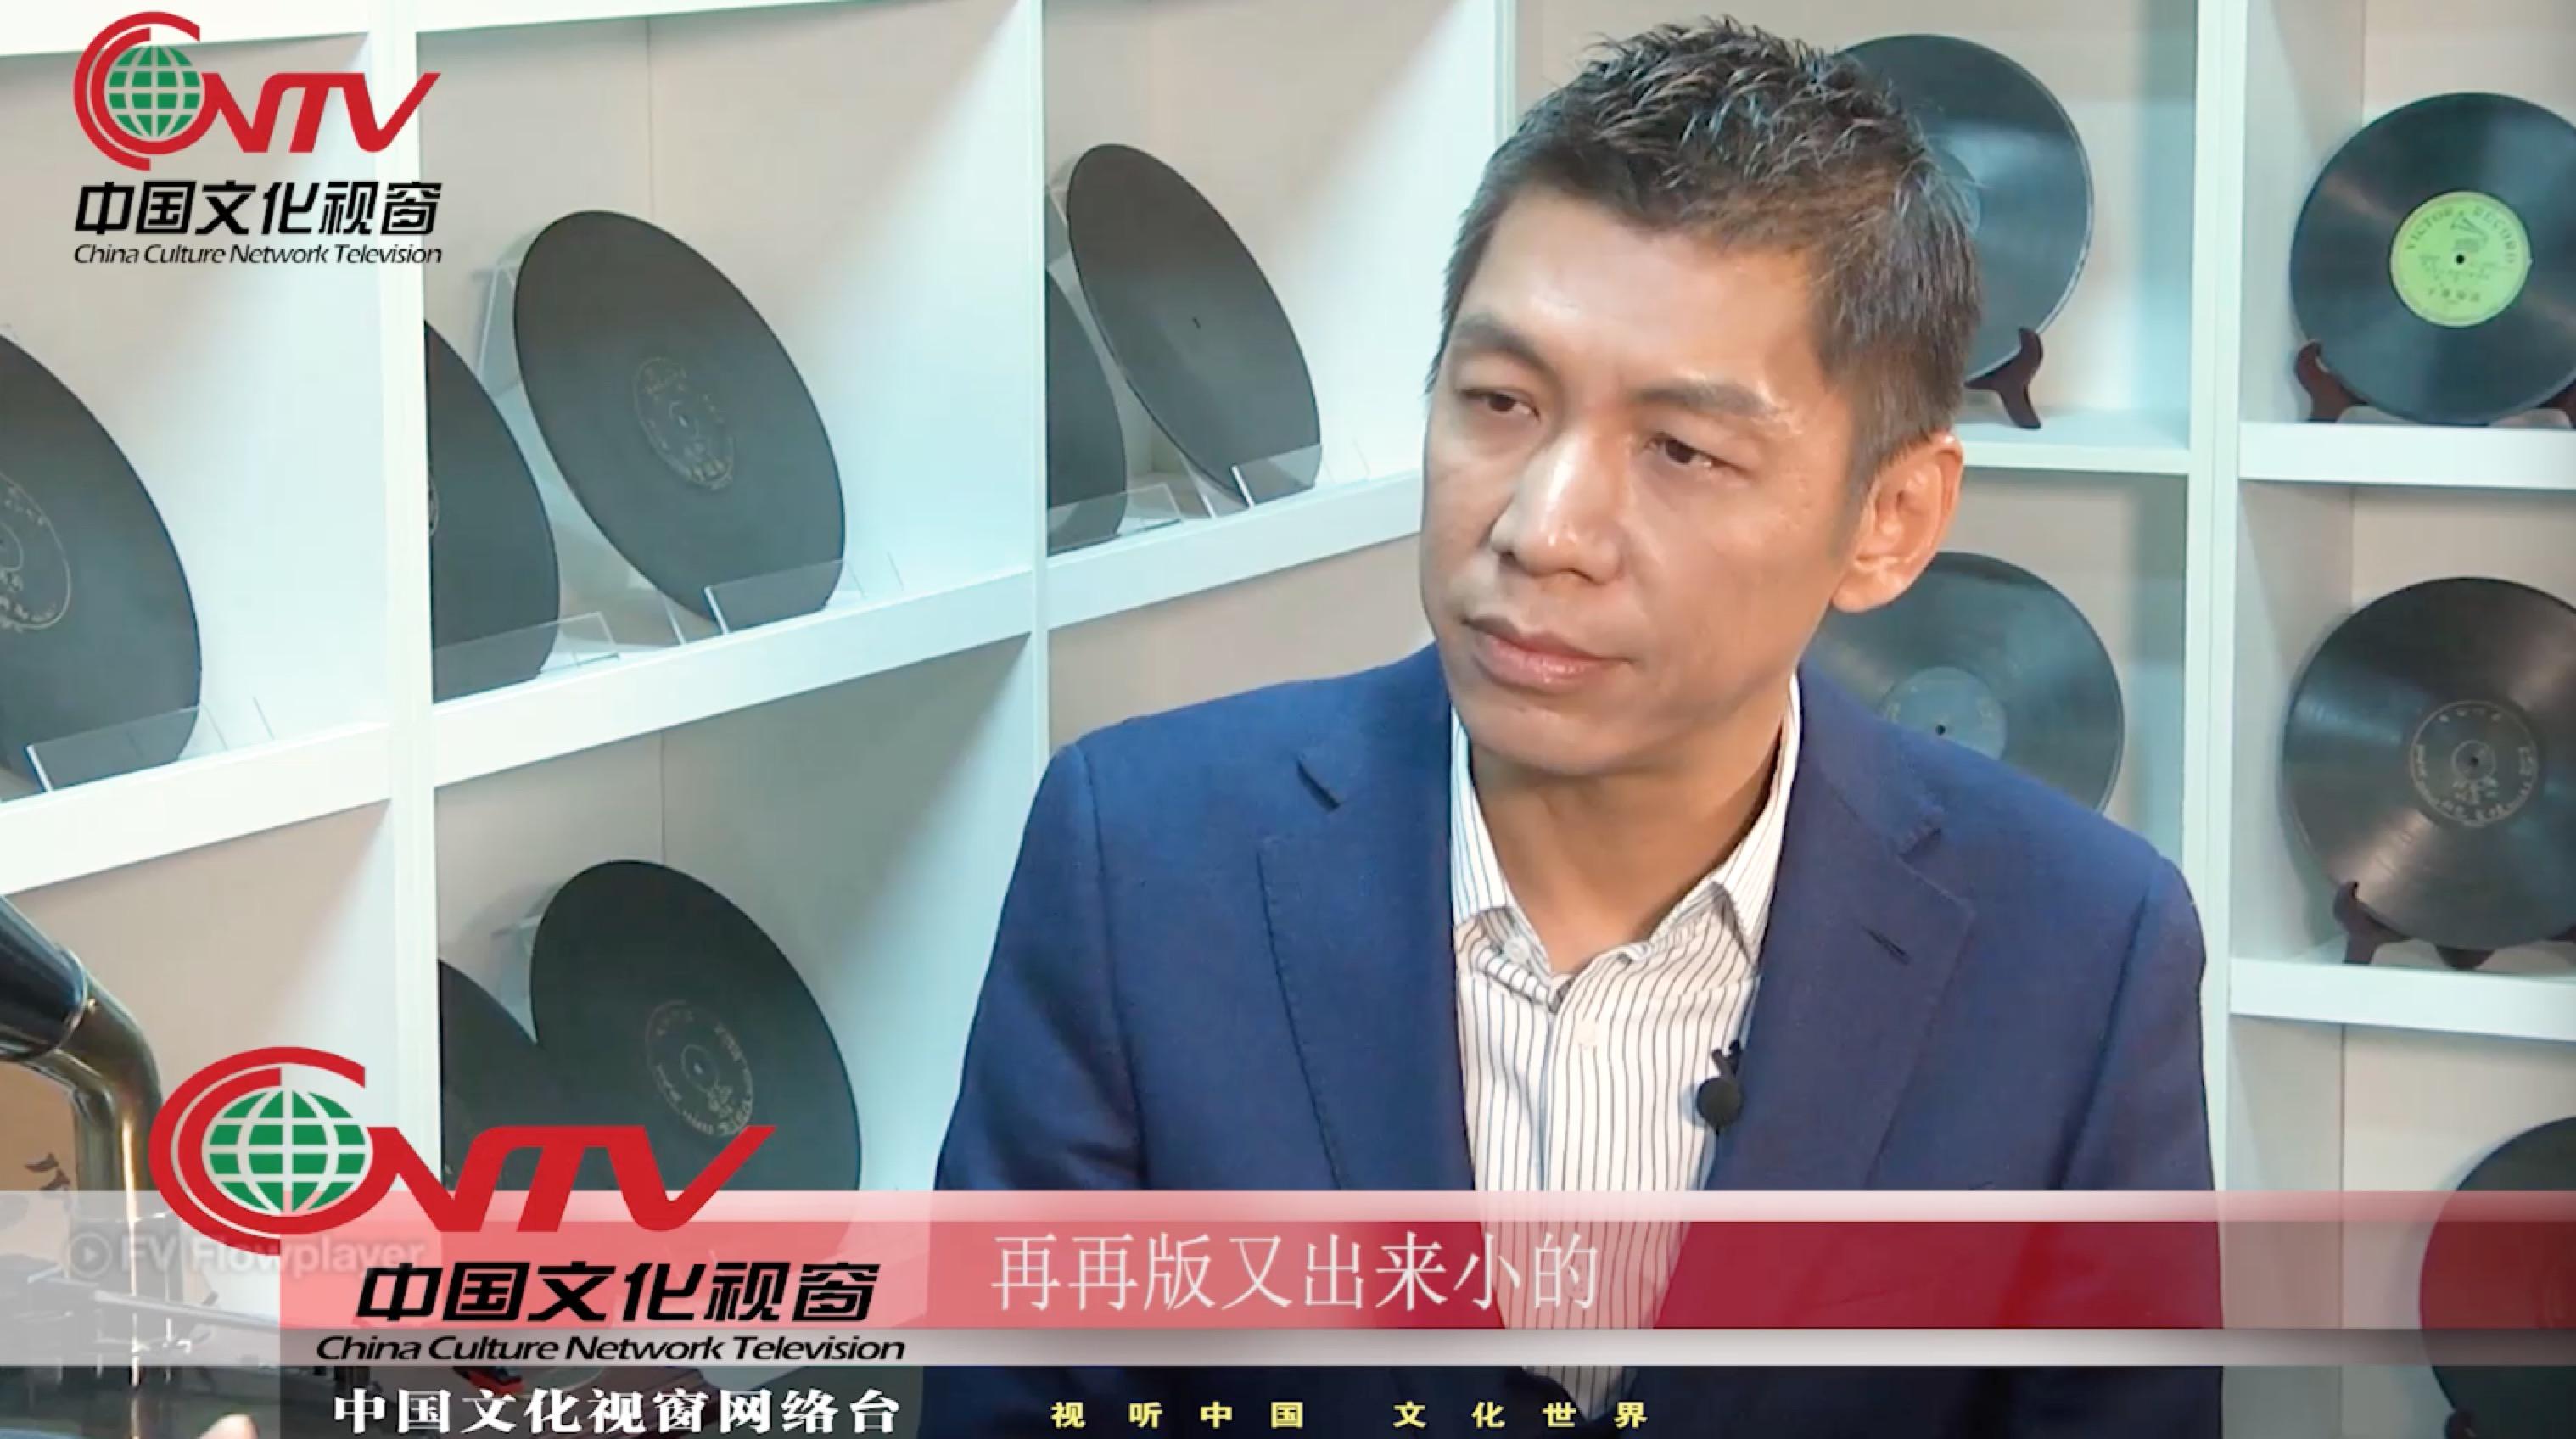 《王红话收藏》带您走进黑胶世界(2):专访相声演员何云伟